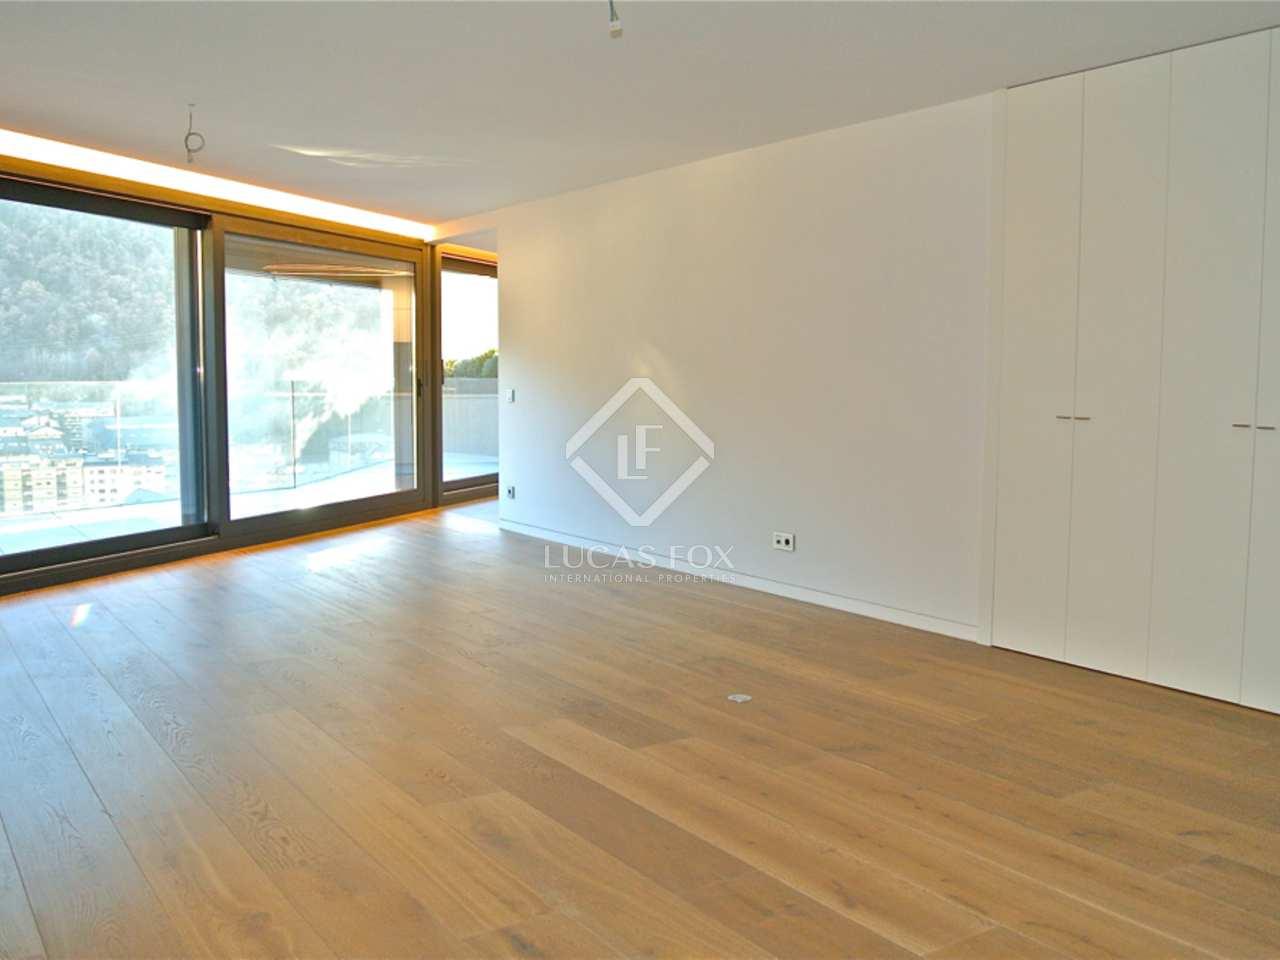 243m wohnung mit 32m terrasse zum verkauf in andorra la vella. Black Bedroom Furniture Sets. Home Design Ideas